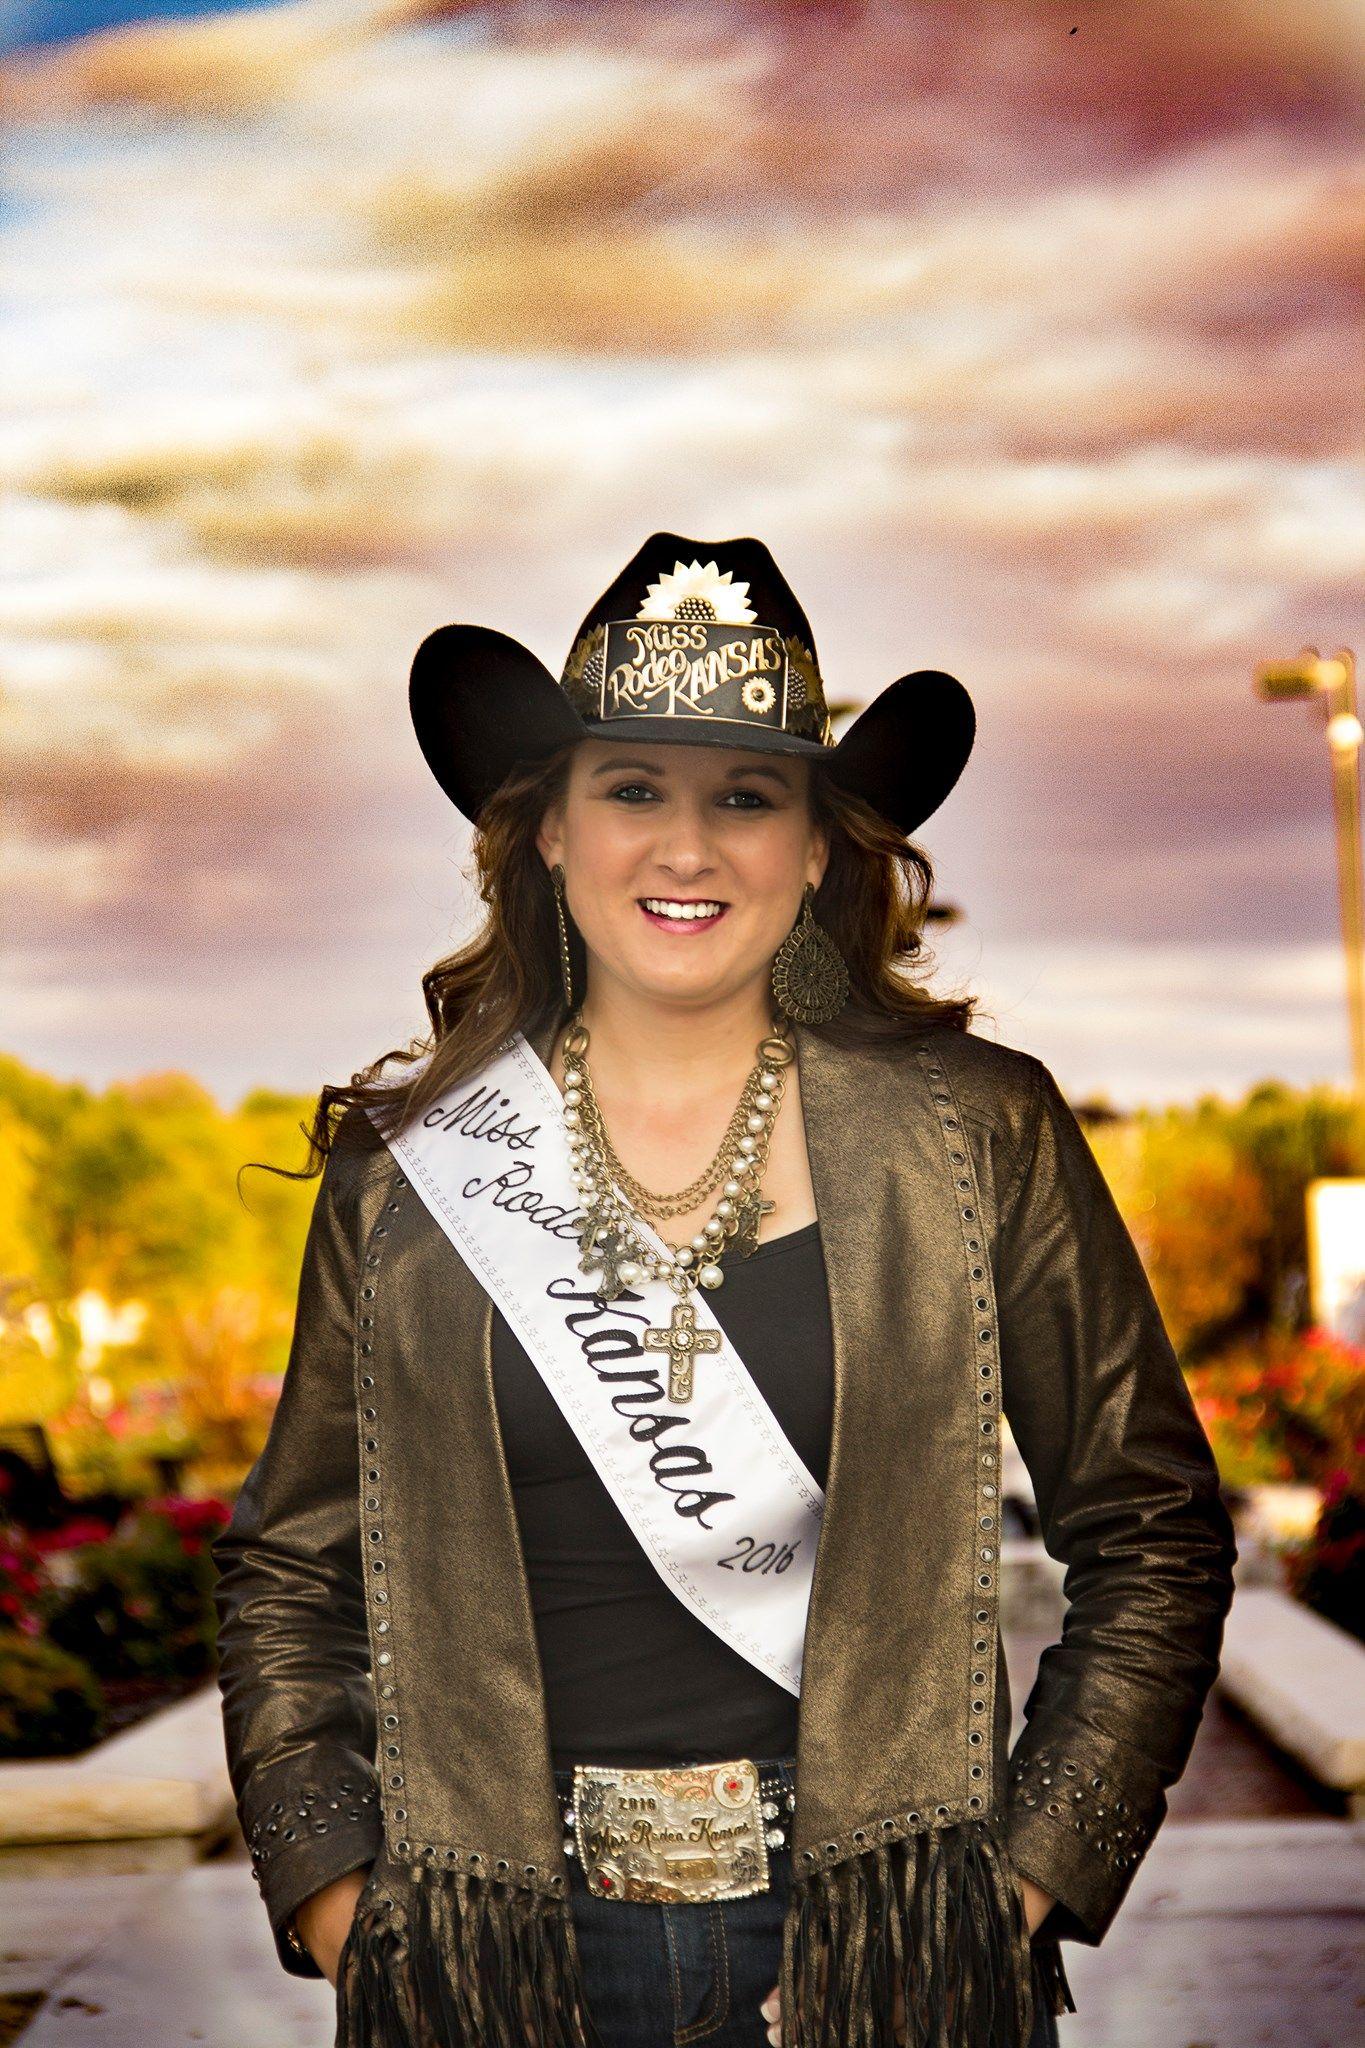 Lauren Rumbaugh Miss Rodeo Kansas 2016 Rodeo Queens